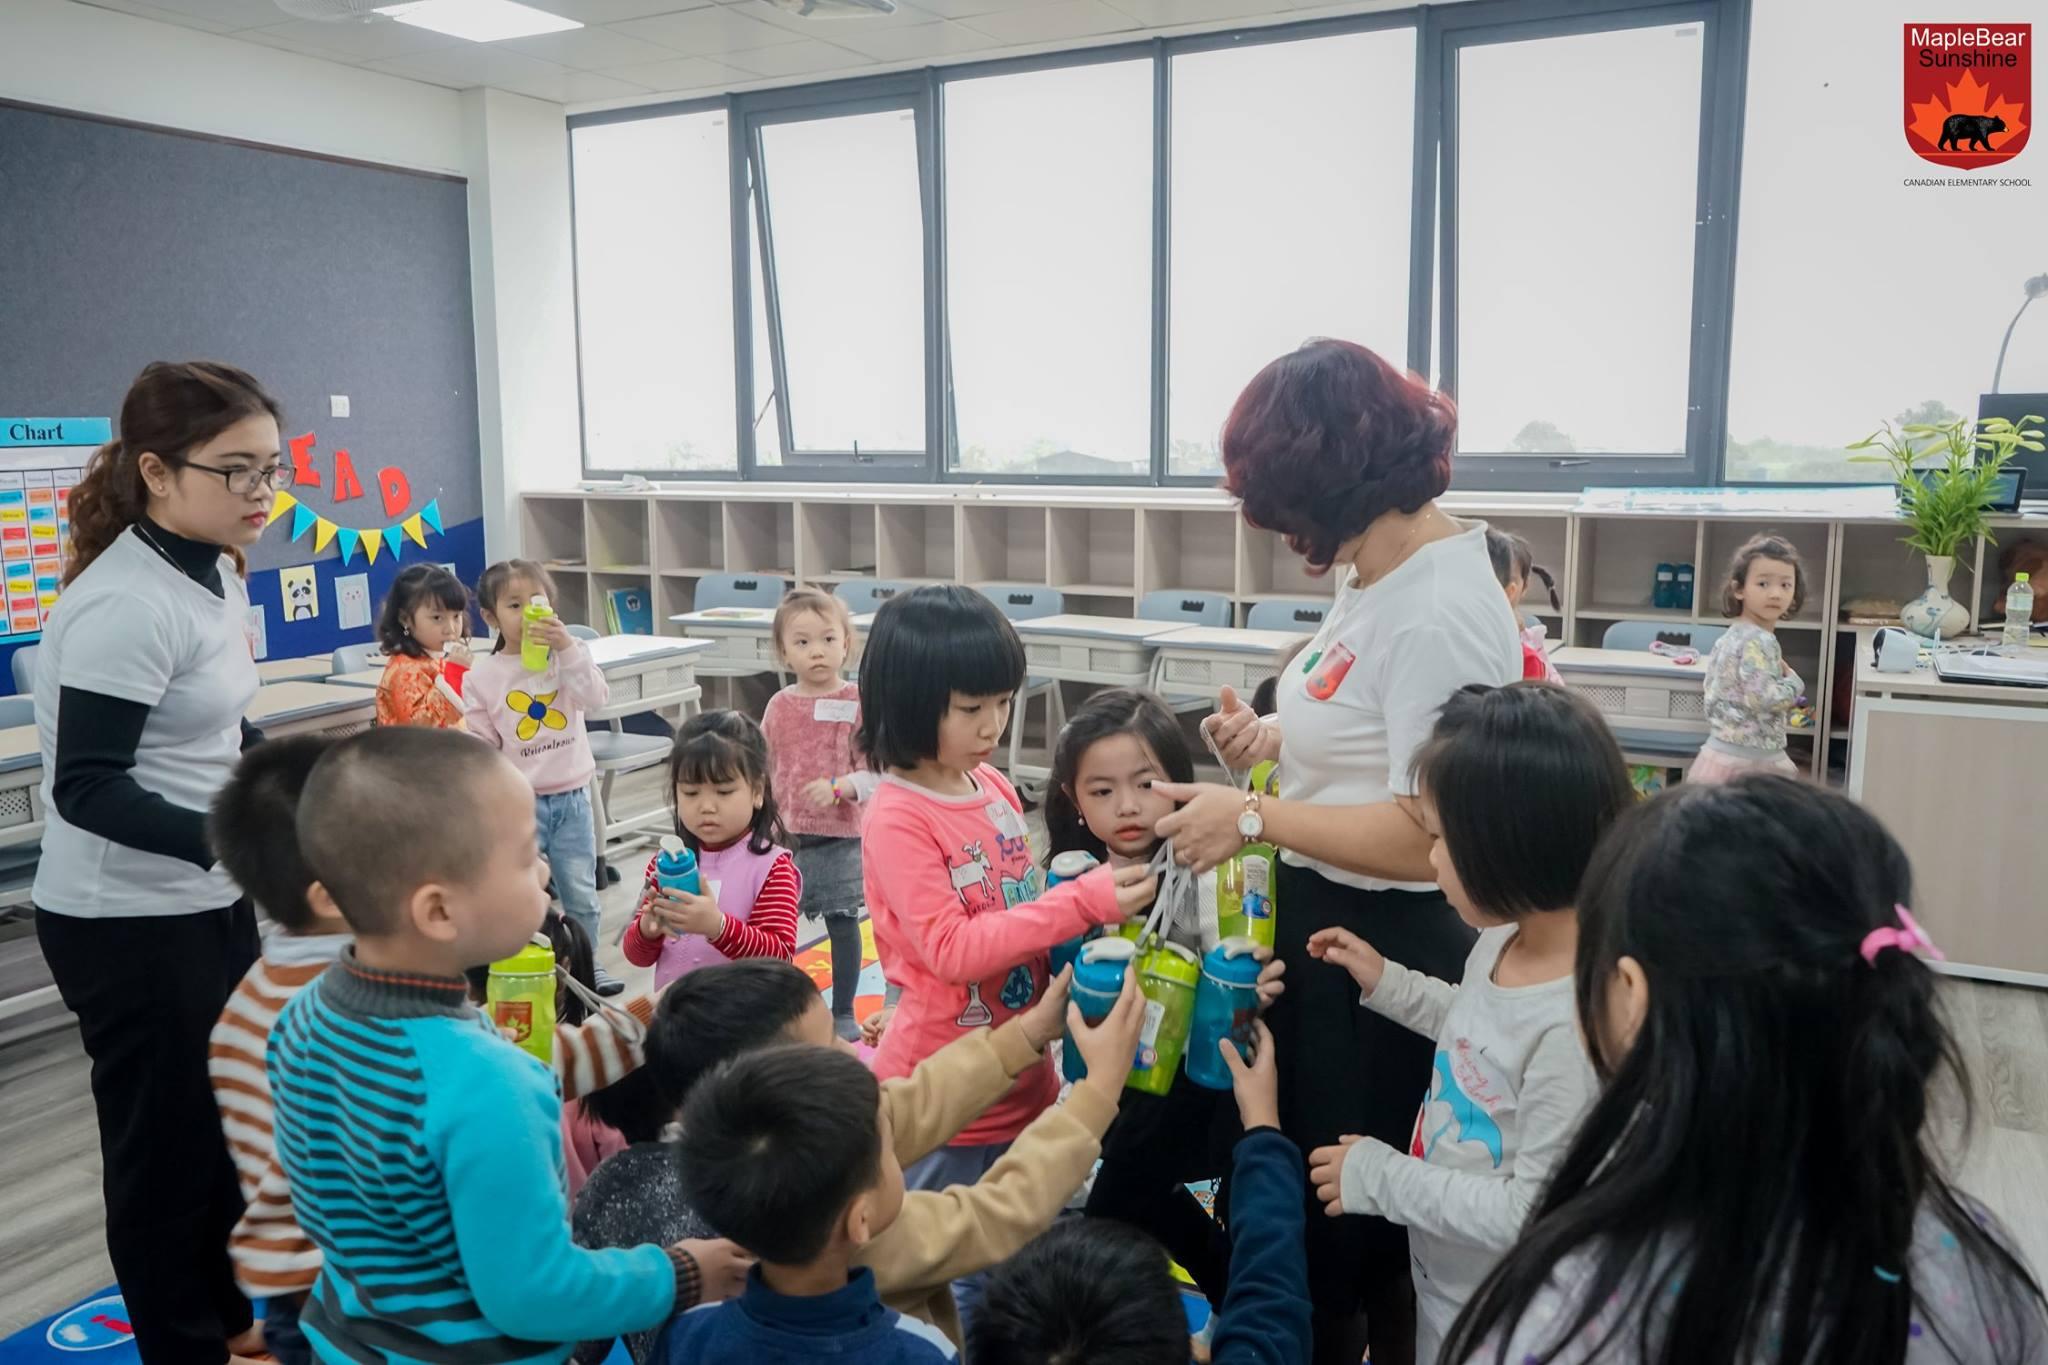 Buổi học đầu tiên giúp các bạn thêm mạnh dạn, tự tin vào hào hứng cho những trải nghiệm của lớp học sắp tới.